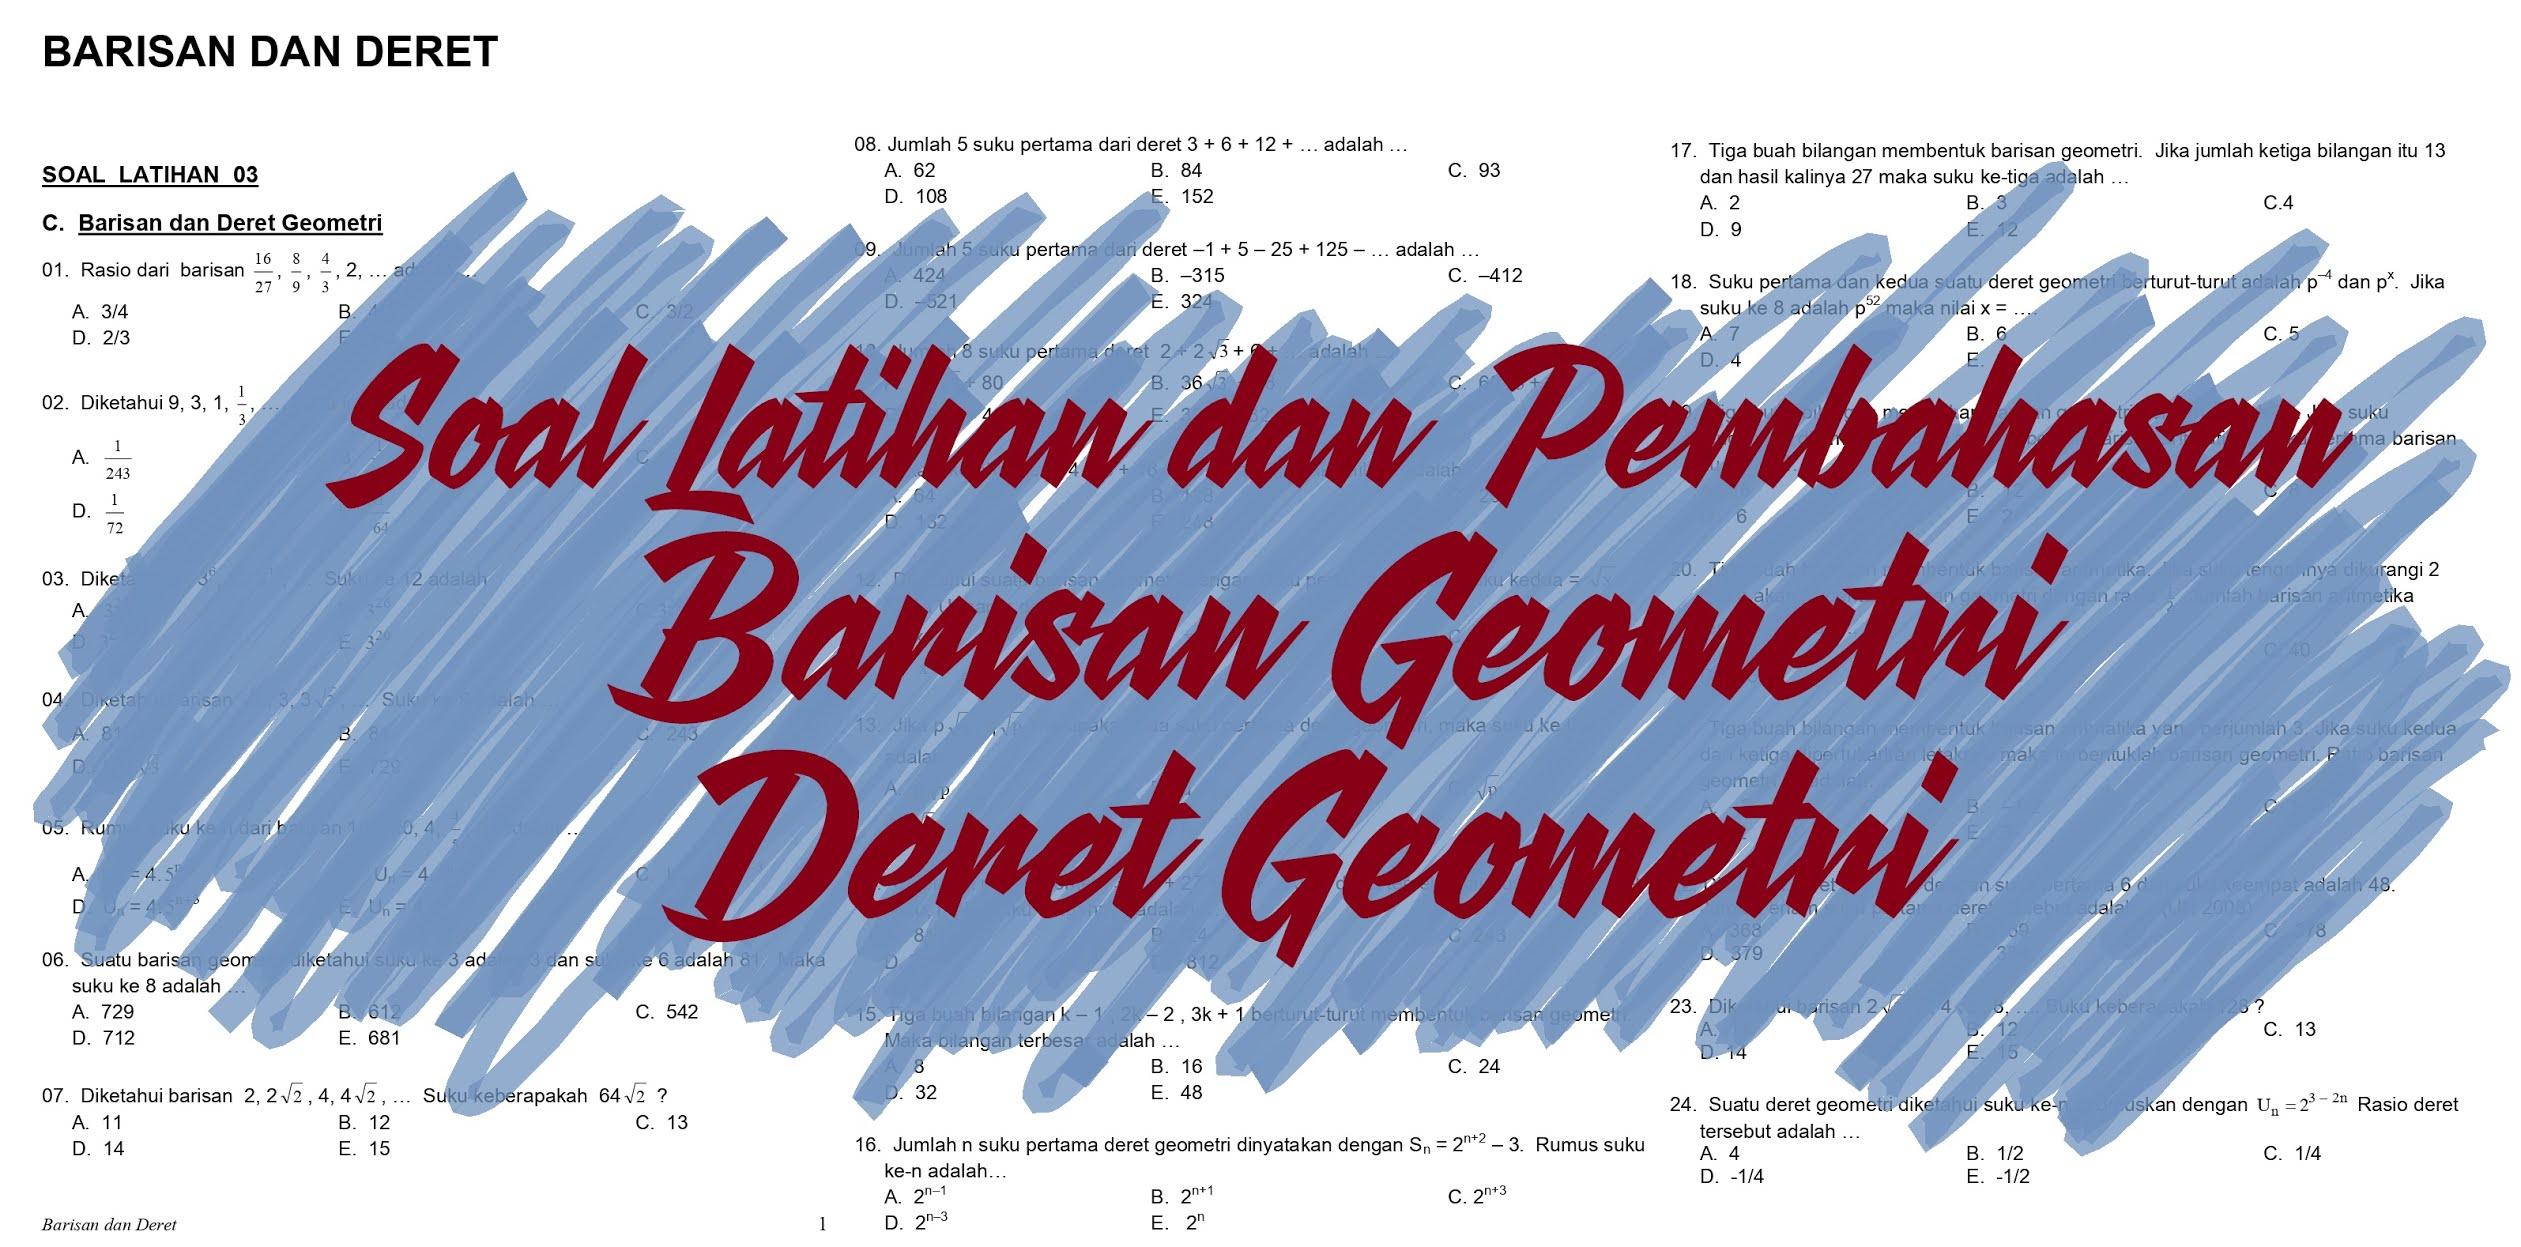 Matematika Dasar SMA: Soal Latihan dan Pembahasan Barisan dan Deret geometri